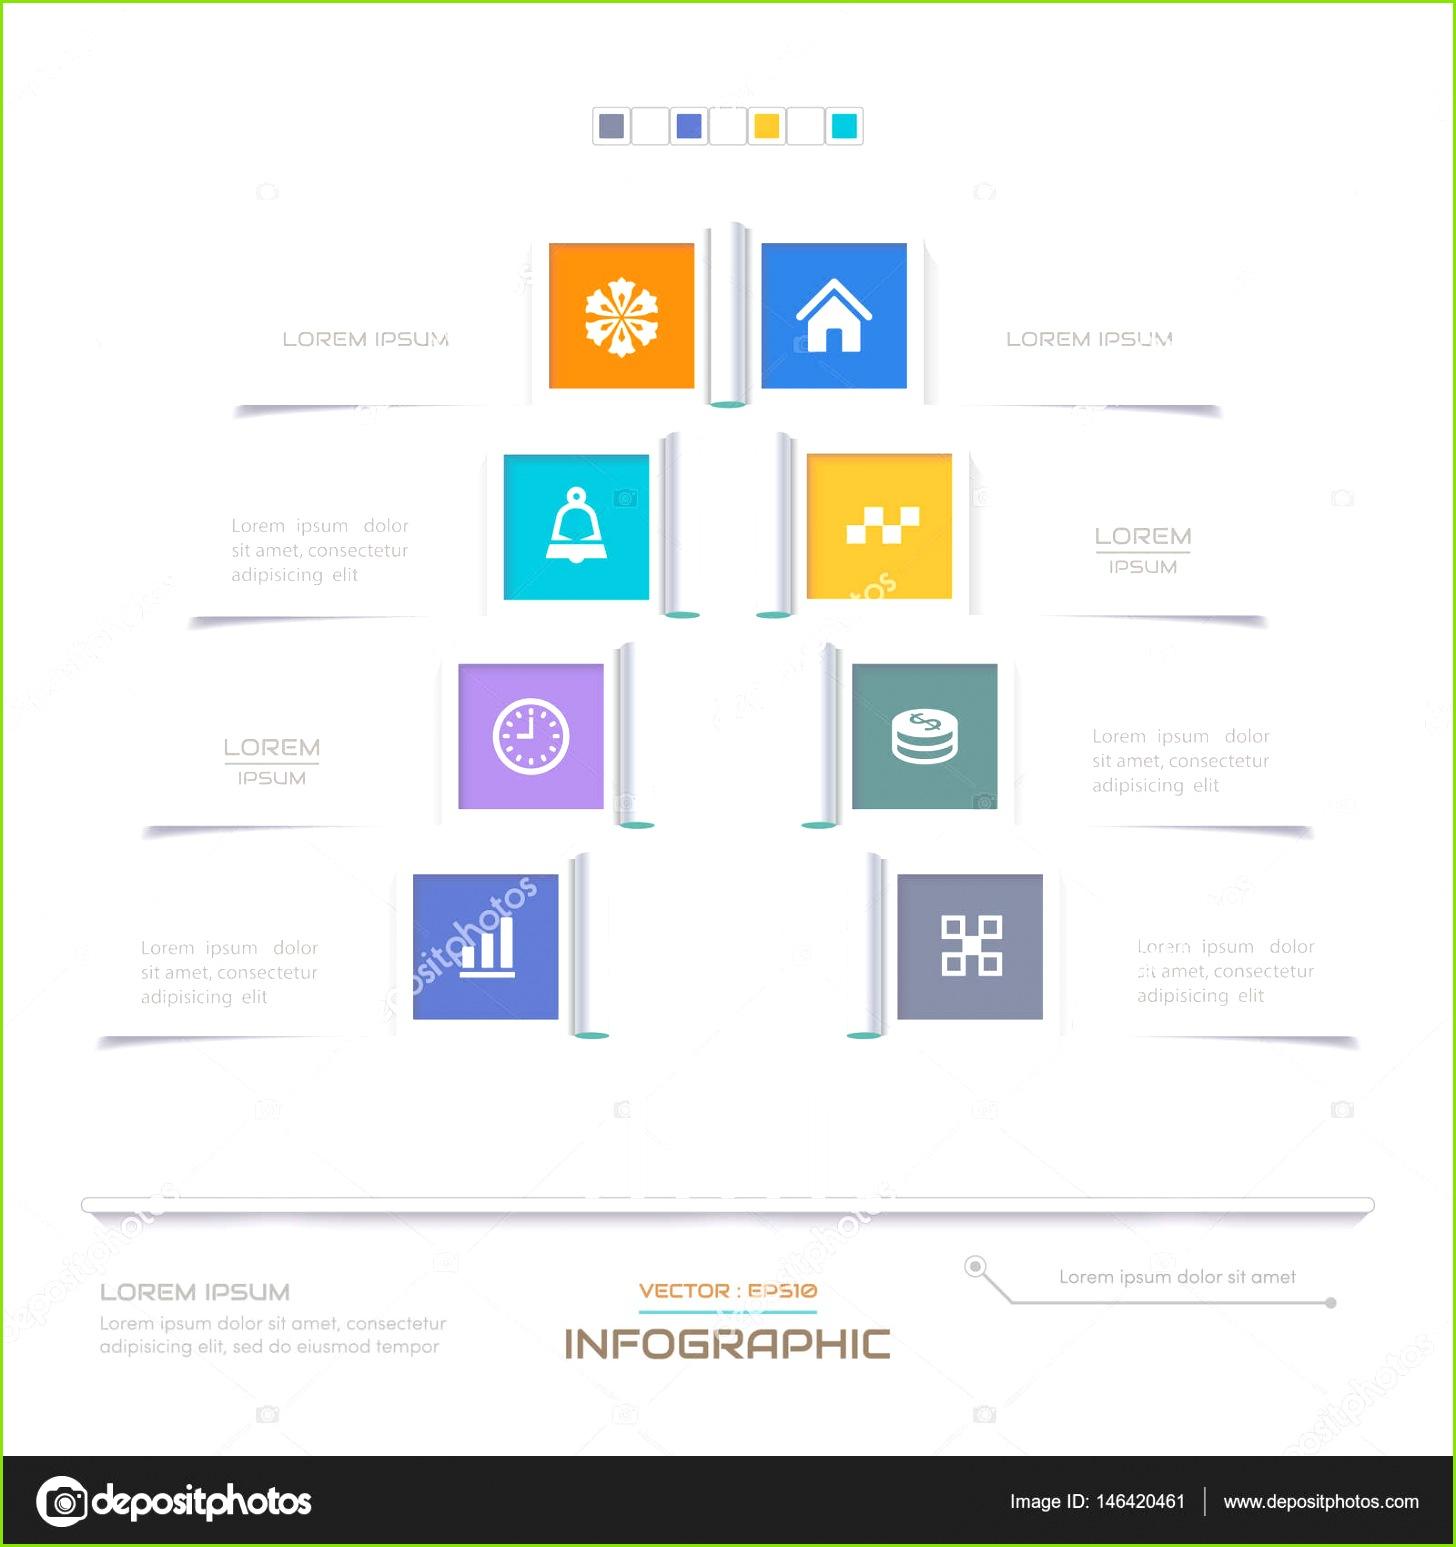 Infografiken Entwurfsvorlage mit Icons Ablaufdiagramm eps10 Vektorgrafik — Vektor von amorno